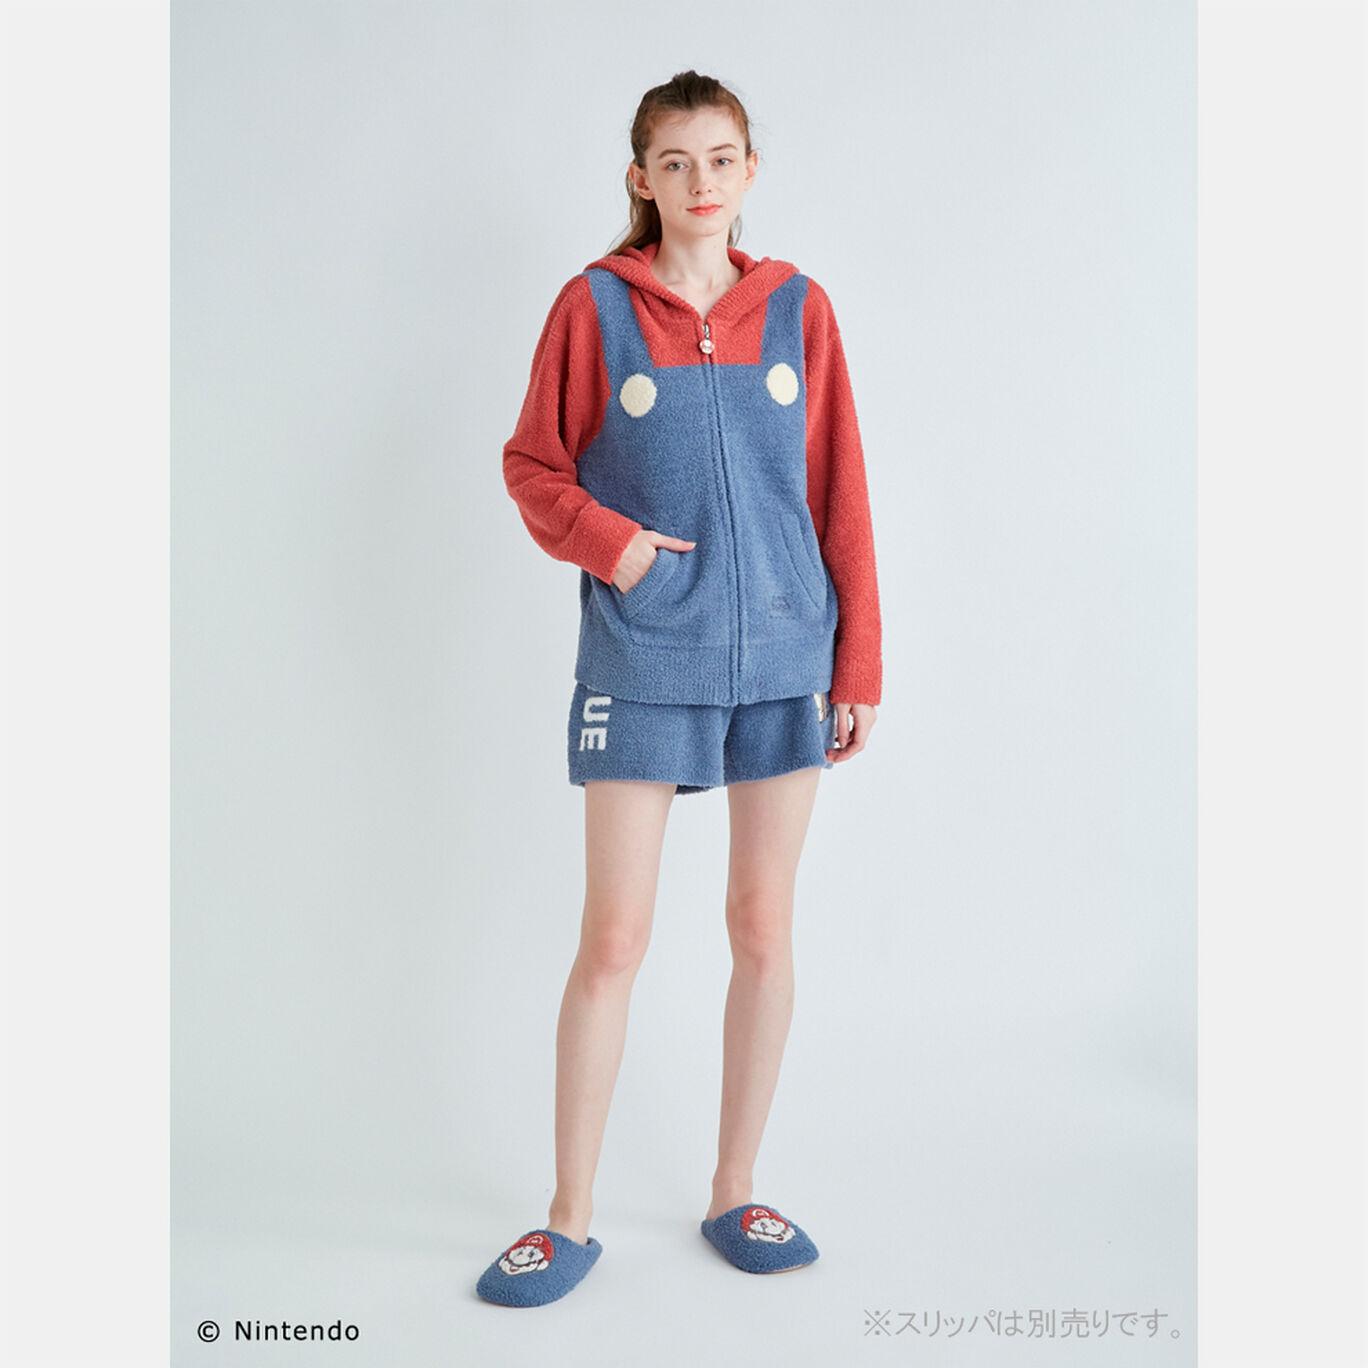 【スーパーマリオ】レディースパーカー&ショートパンツセット Blue(マリオ)F【SUPER MARIO meets GELATO PIQUE】